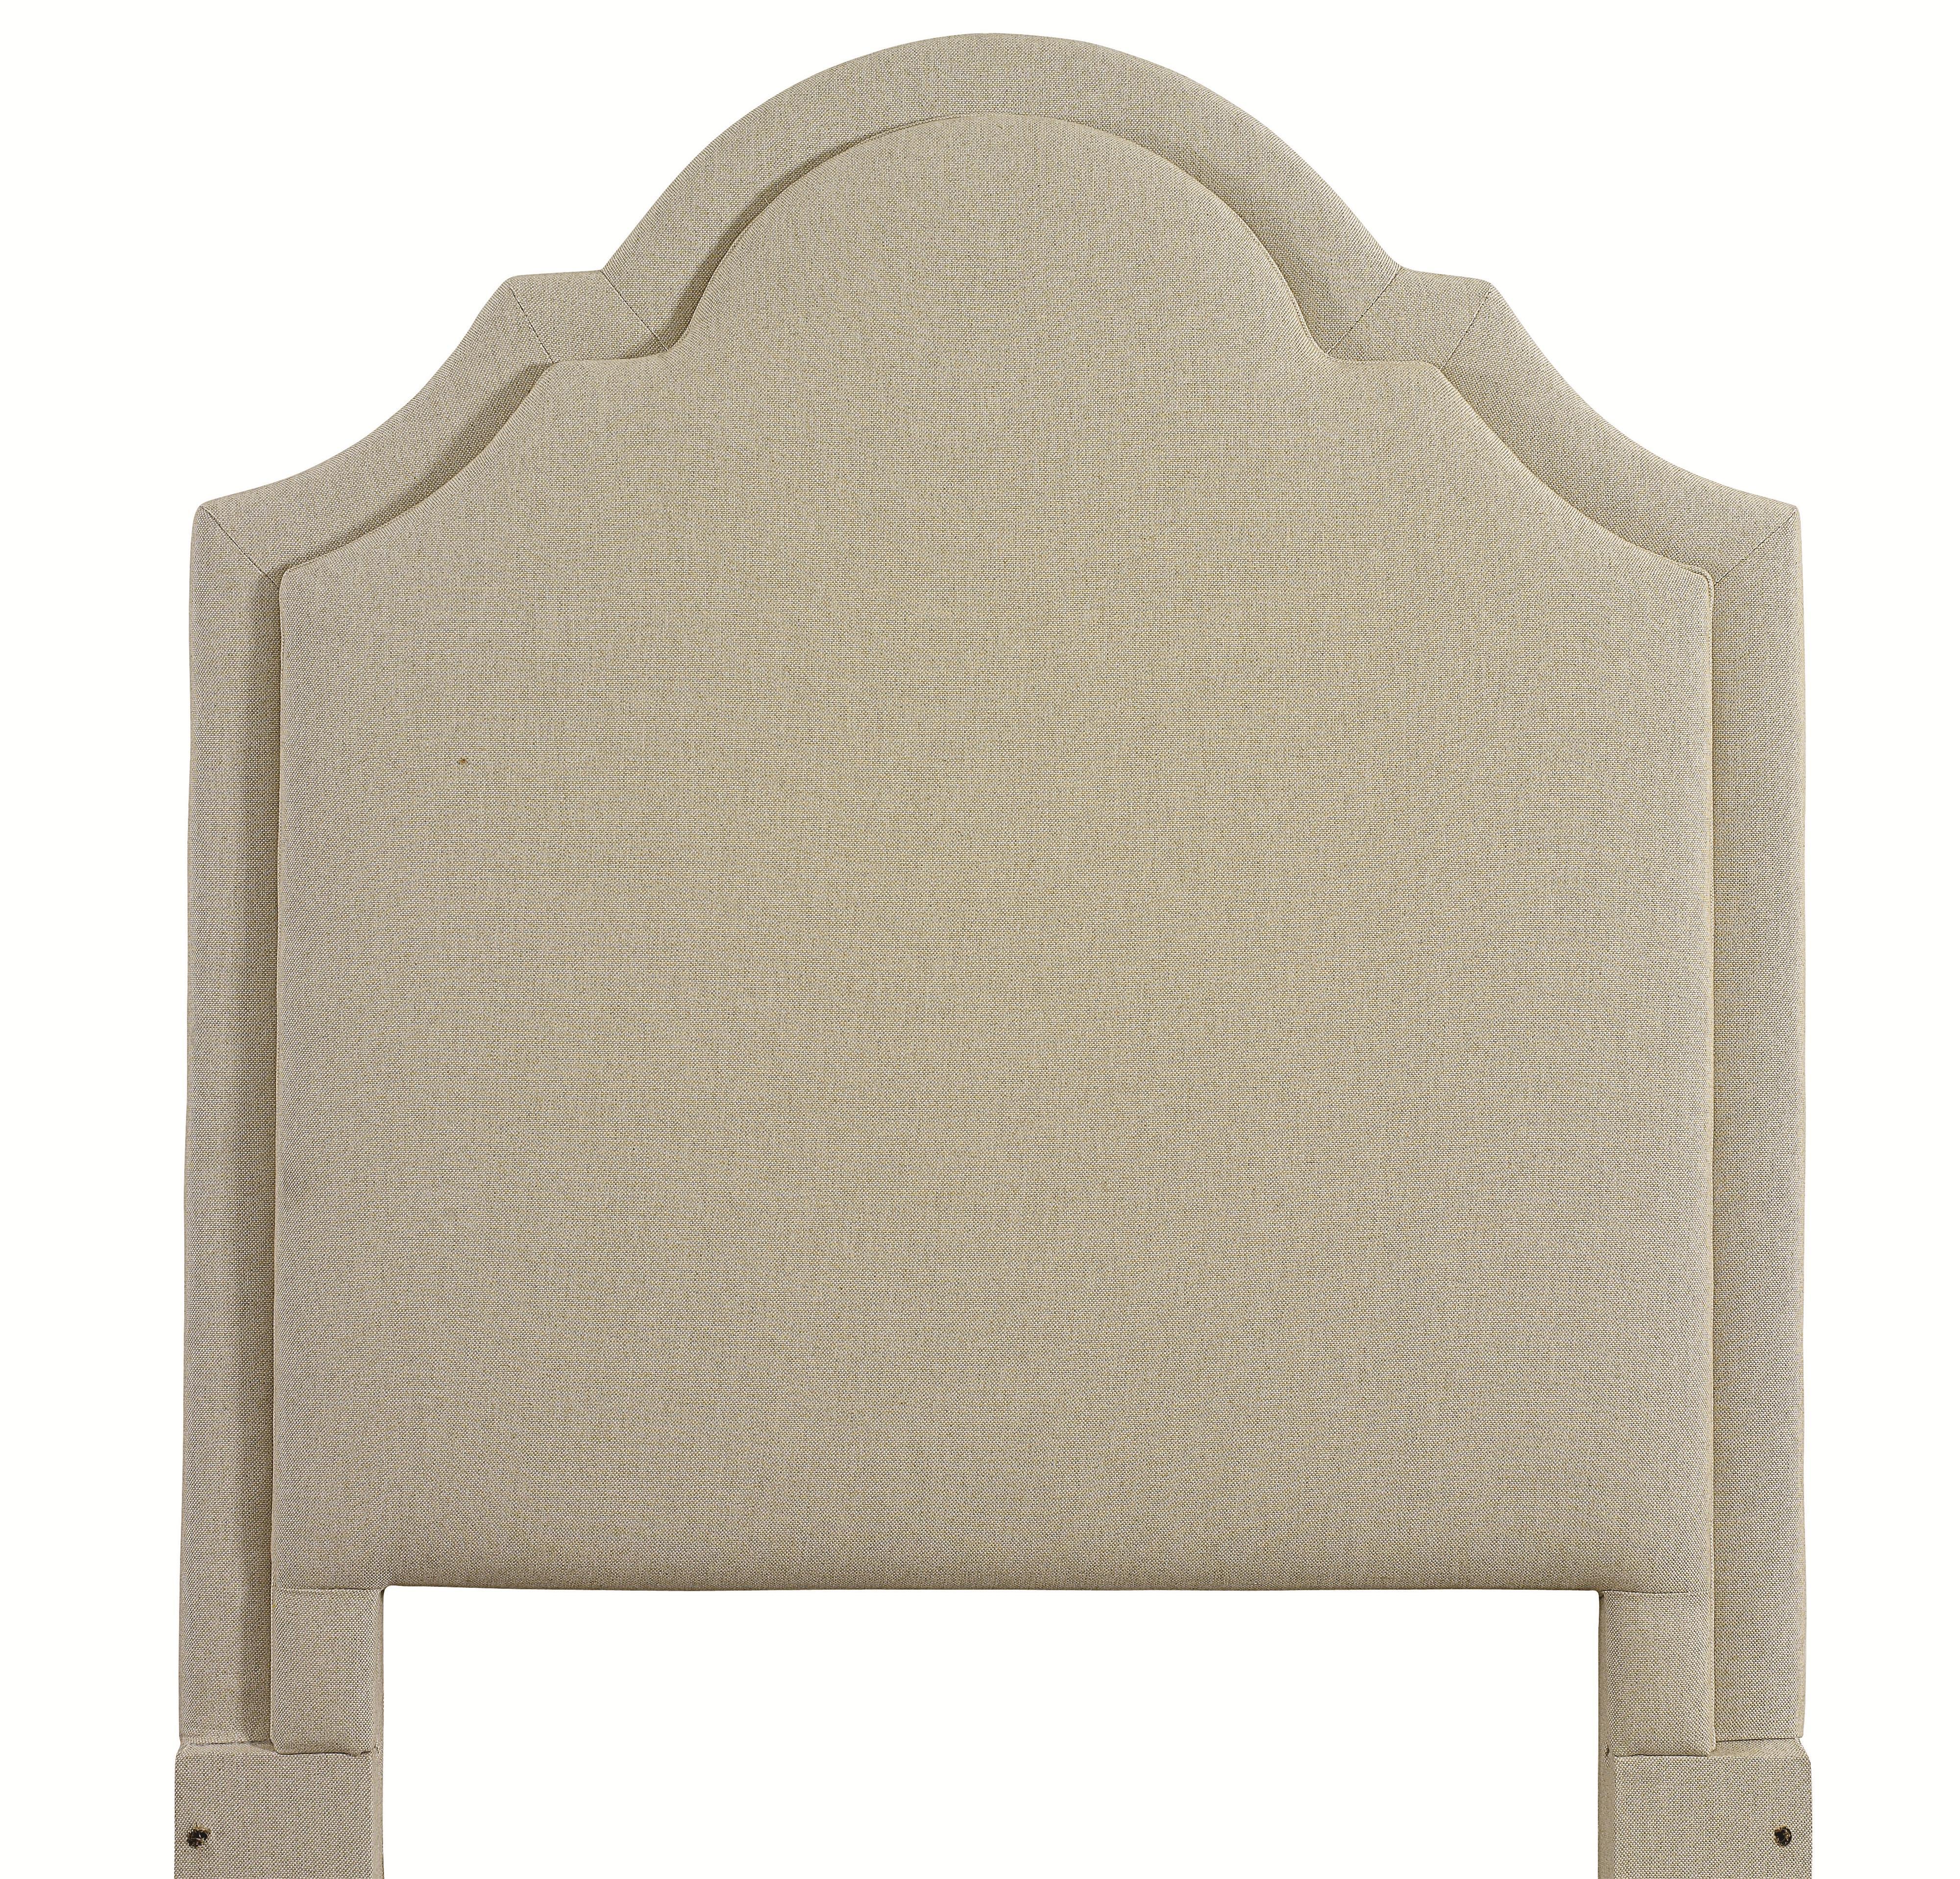 Custom Upholstered Beds King Barcelona Upholstered Headboard by Bassett at Bassett of Cool Springs